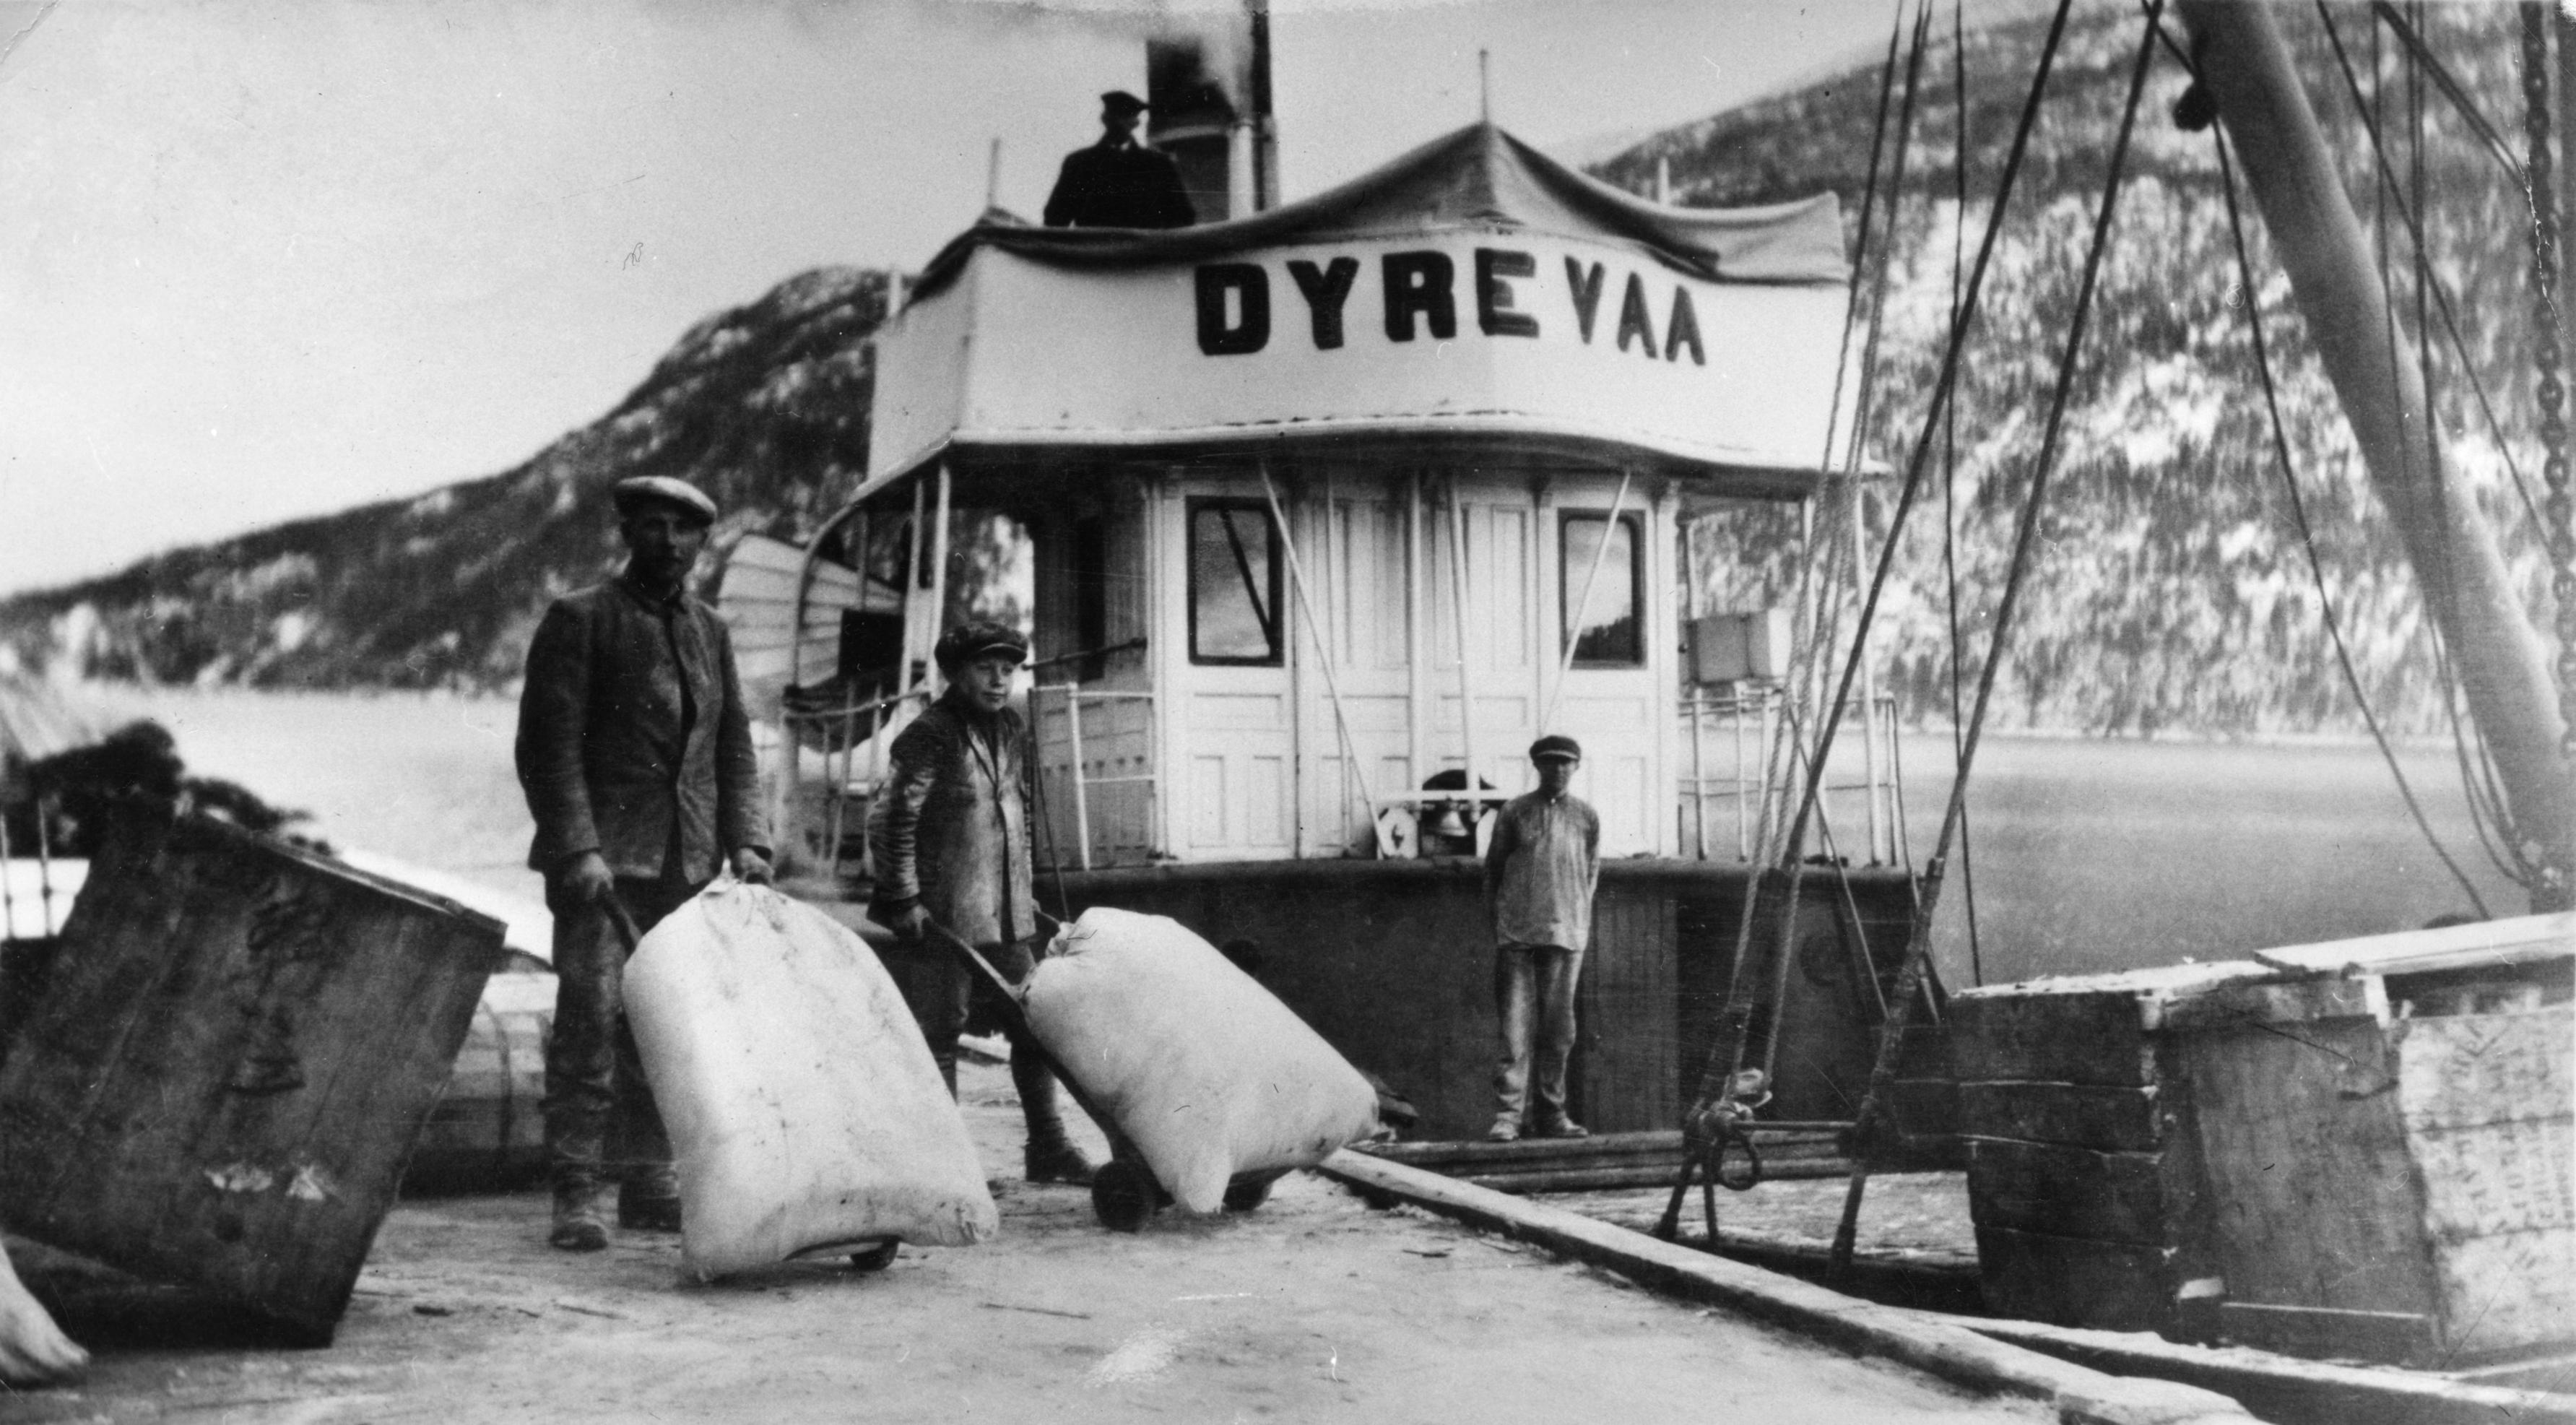 Etter at Bandak-Norsjøkanalen åpnet i 1892, kunne brynestein fraktes direkte fra Dalen til Porsgrunn. Etter hvert ble DS Dyre Vaa satt inn i trafikken og kunne laste 90 tonn. Dette skipet frakta den aller siste brynesteinslasten til Norrøna fabrikker i 1952.